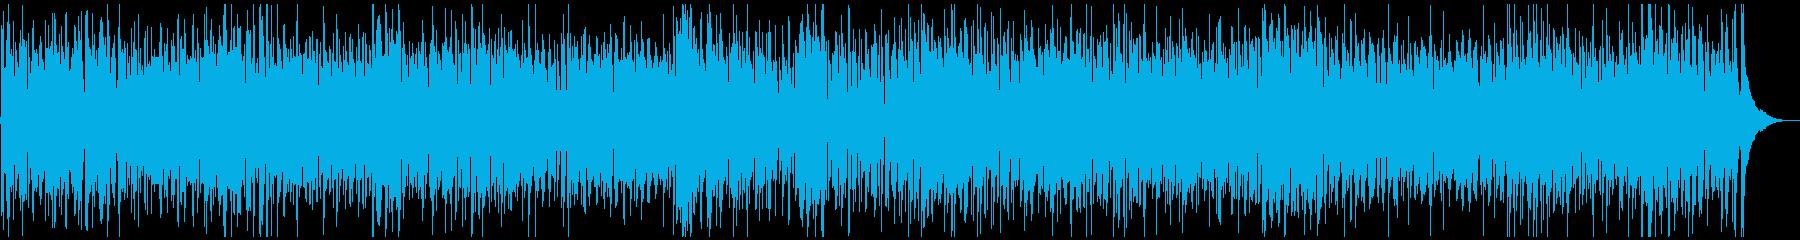 イタリアのダンス音楽風BGMの再生済みの波形